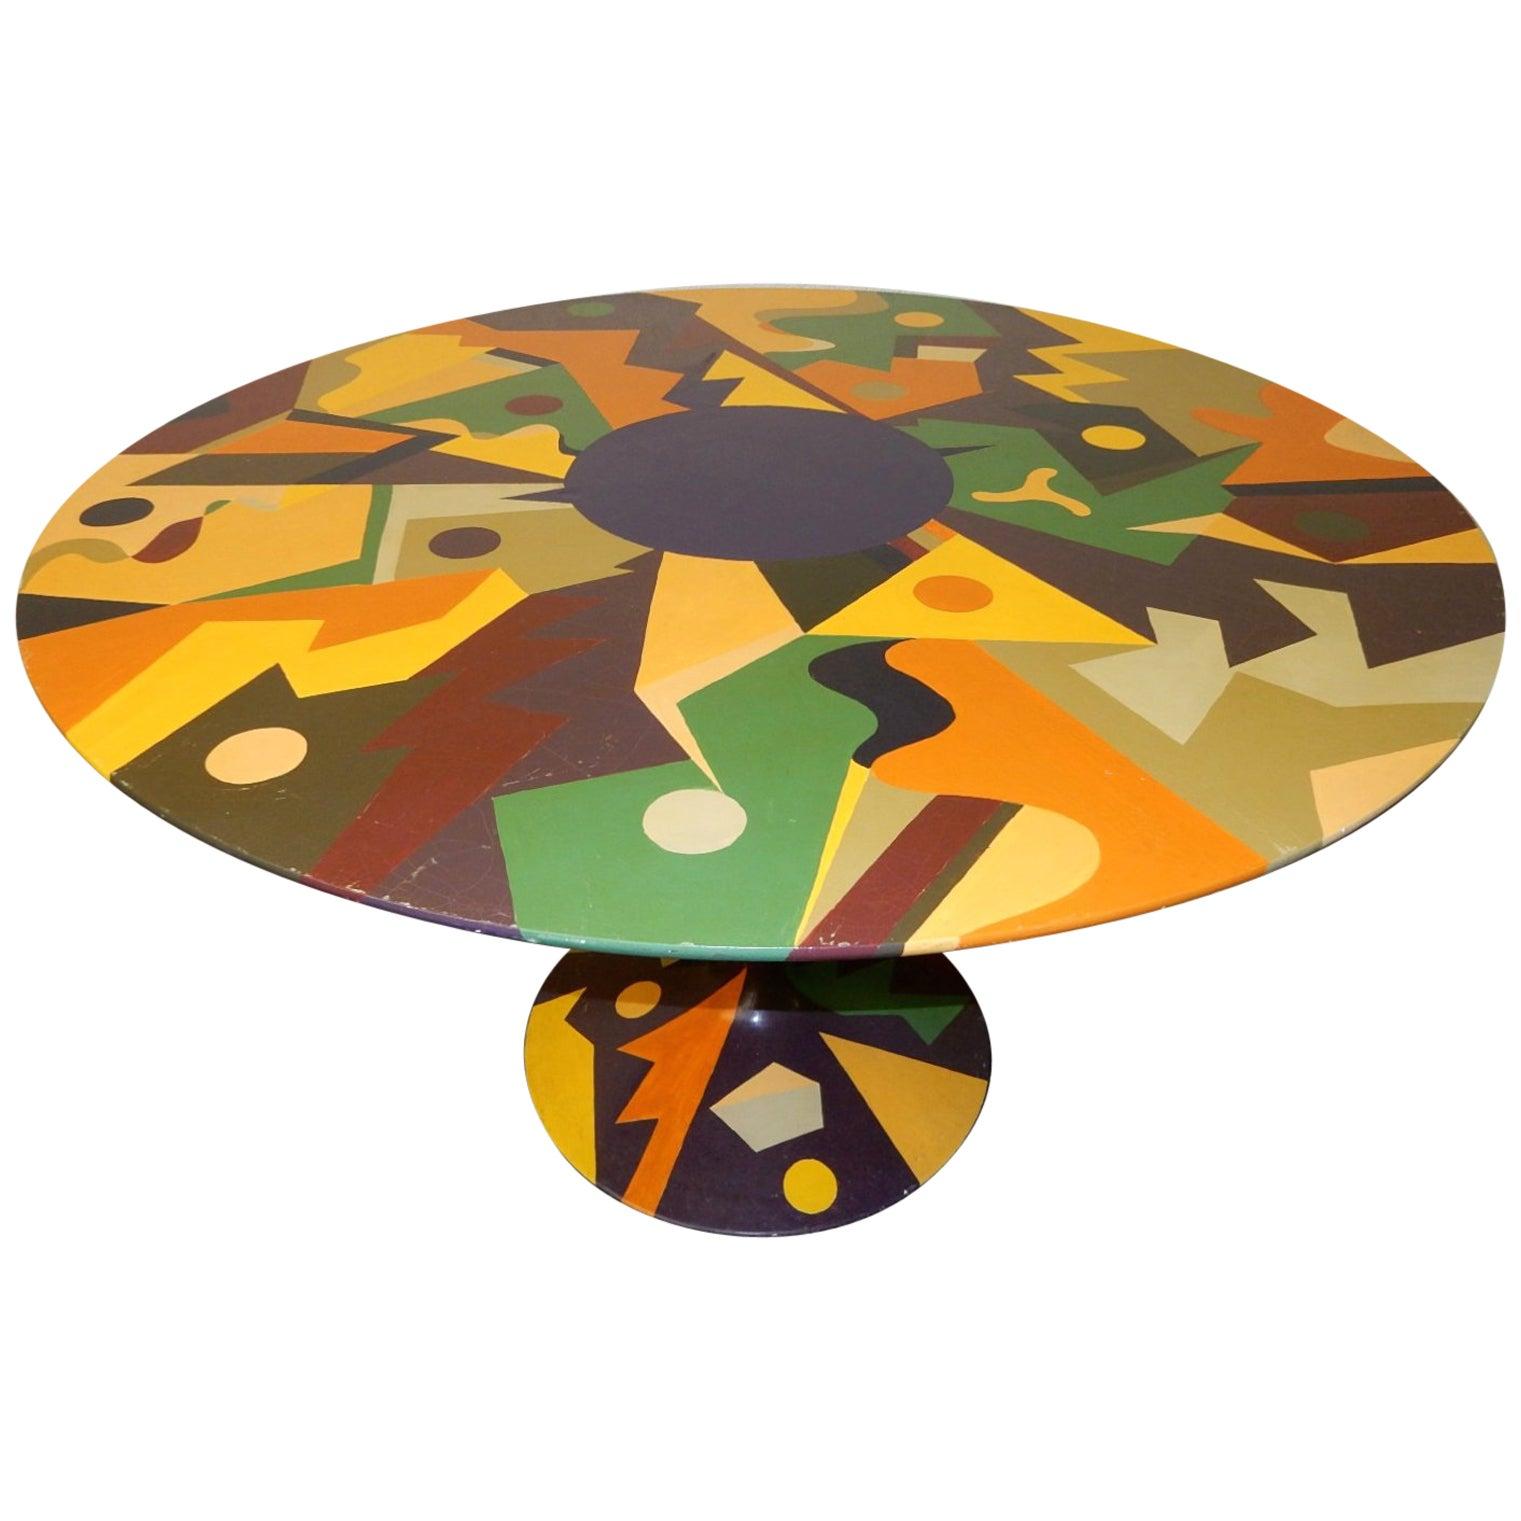 Mid Century Modern Saarinen Style Tulip Dining Table Abstract Painting At 1stdibs